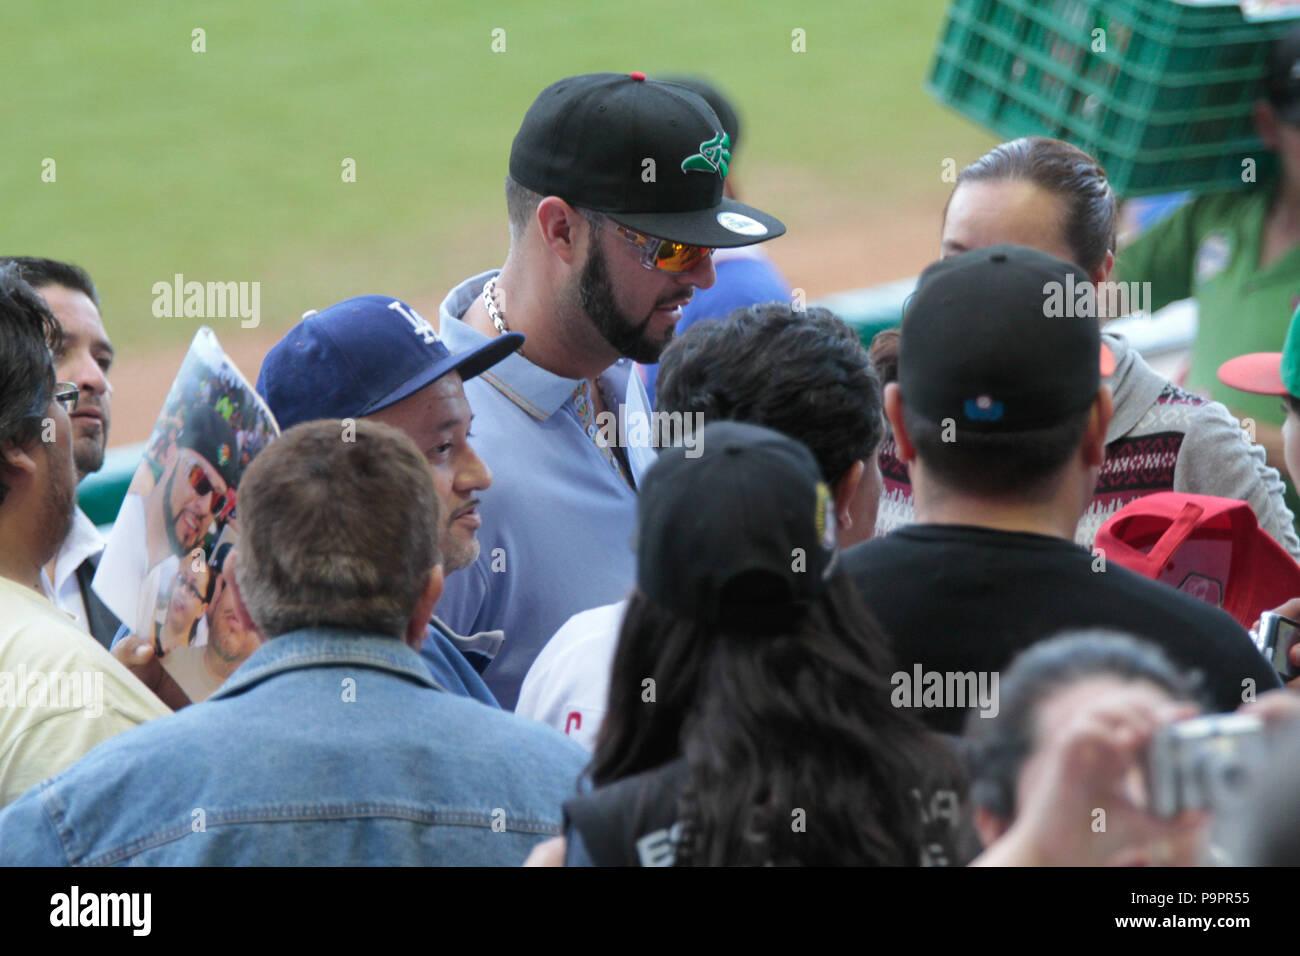 Ehemalige Hauptligakrug Esteban Loaiza vor kurzem durch den Tod von Jenny Rivera verwitwet, ging das Baseballteam während der Mexikanischen Karibik S zu sehen Stockbild